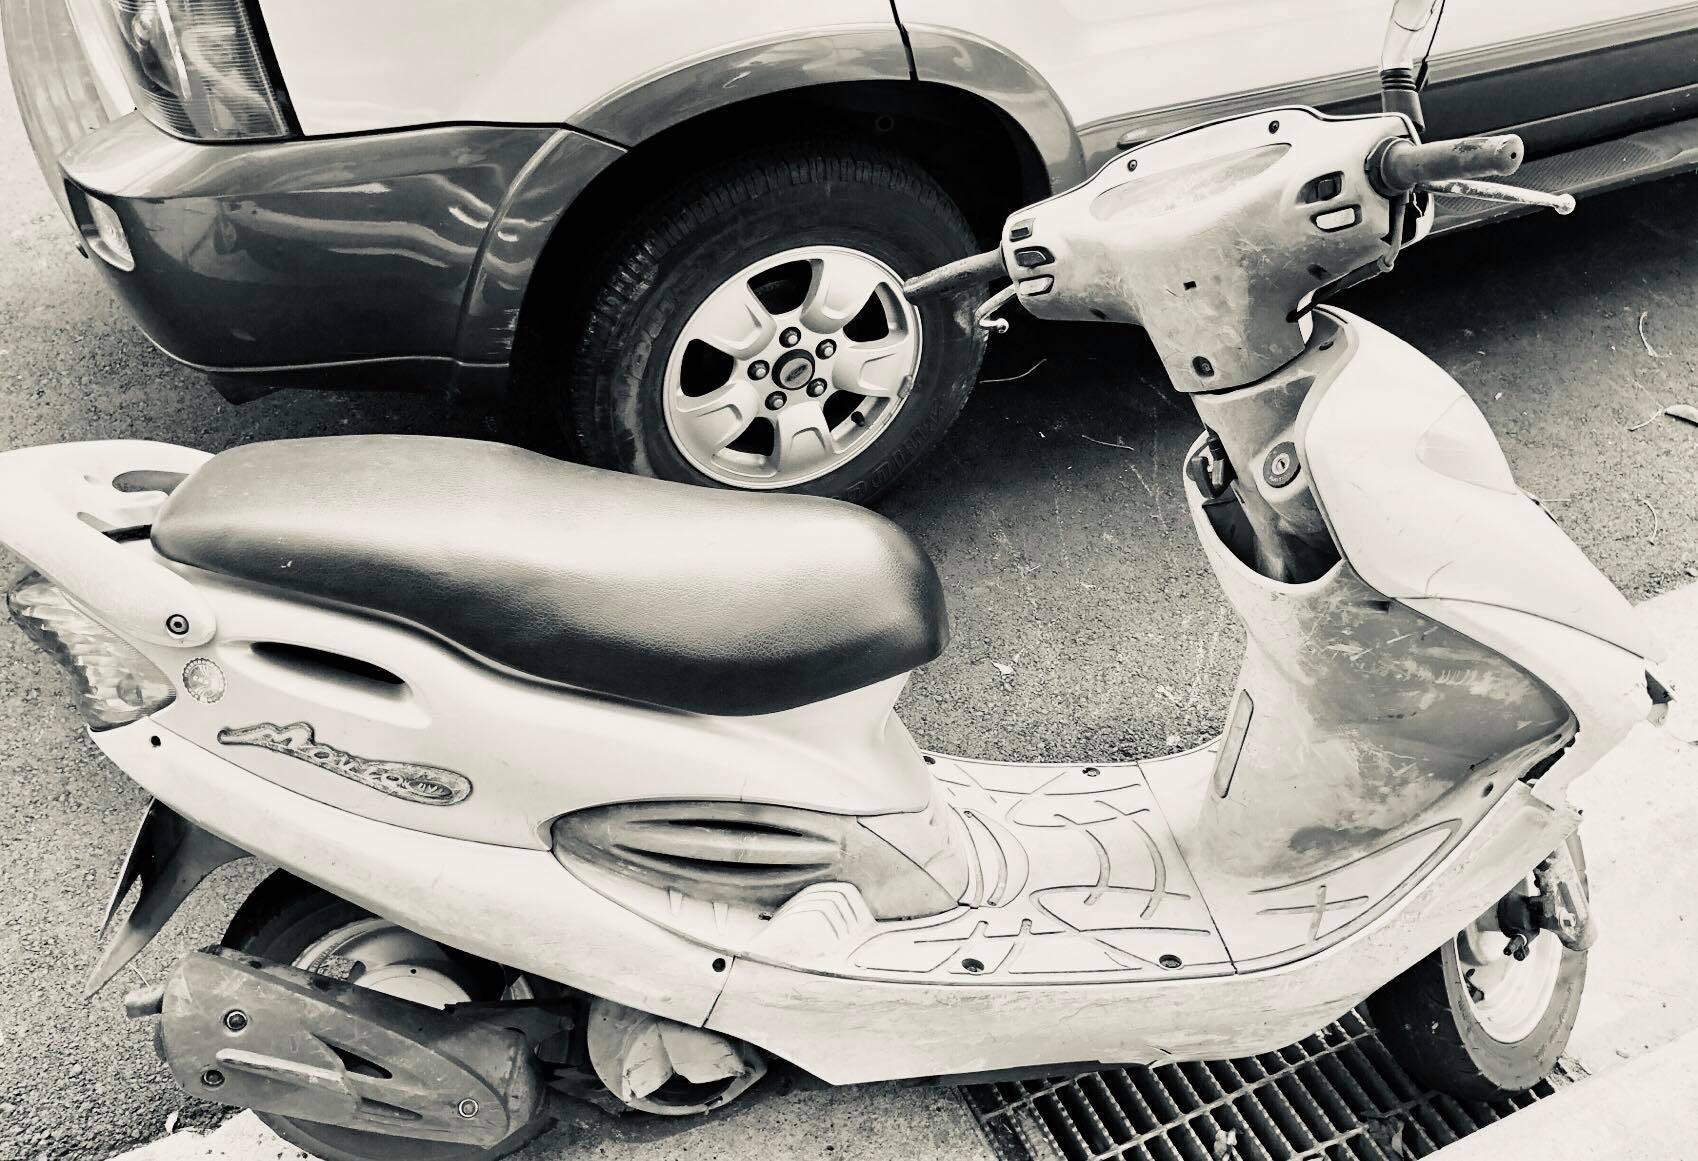 ▲▼摩托車。(圖/小檸檬供稿專用)